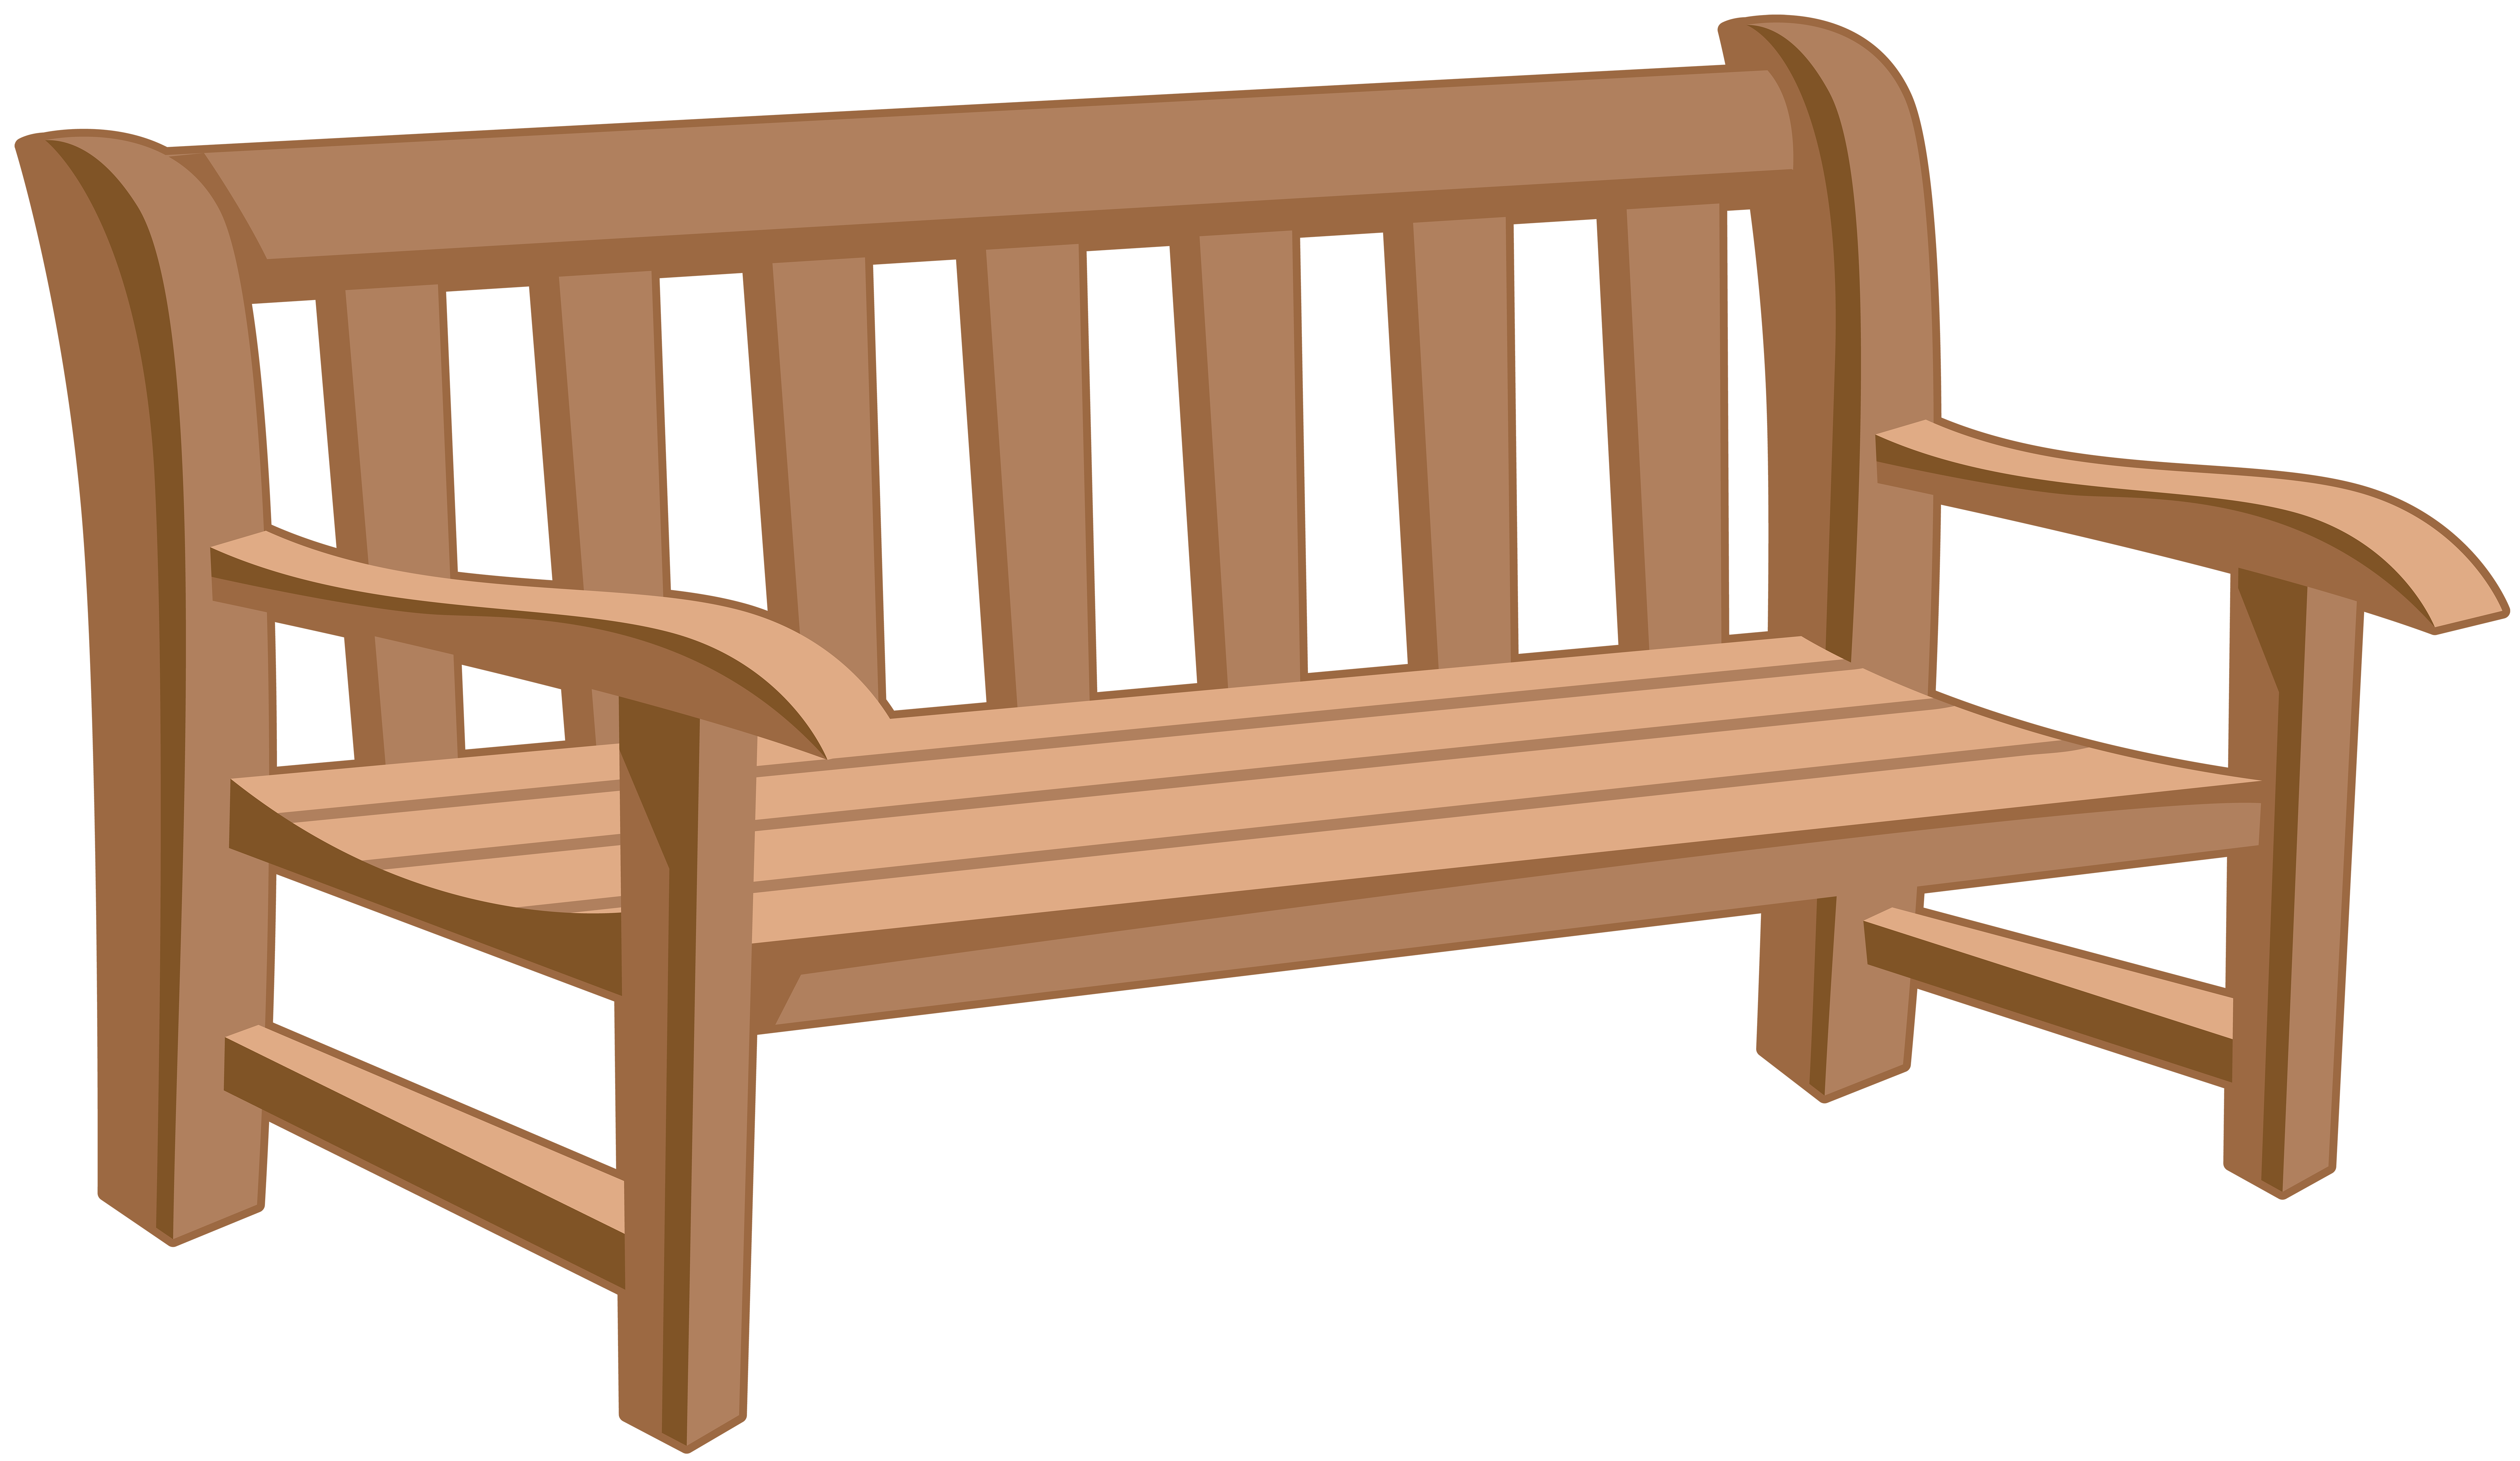 Park Bench PNG Clip Art Image.